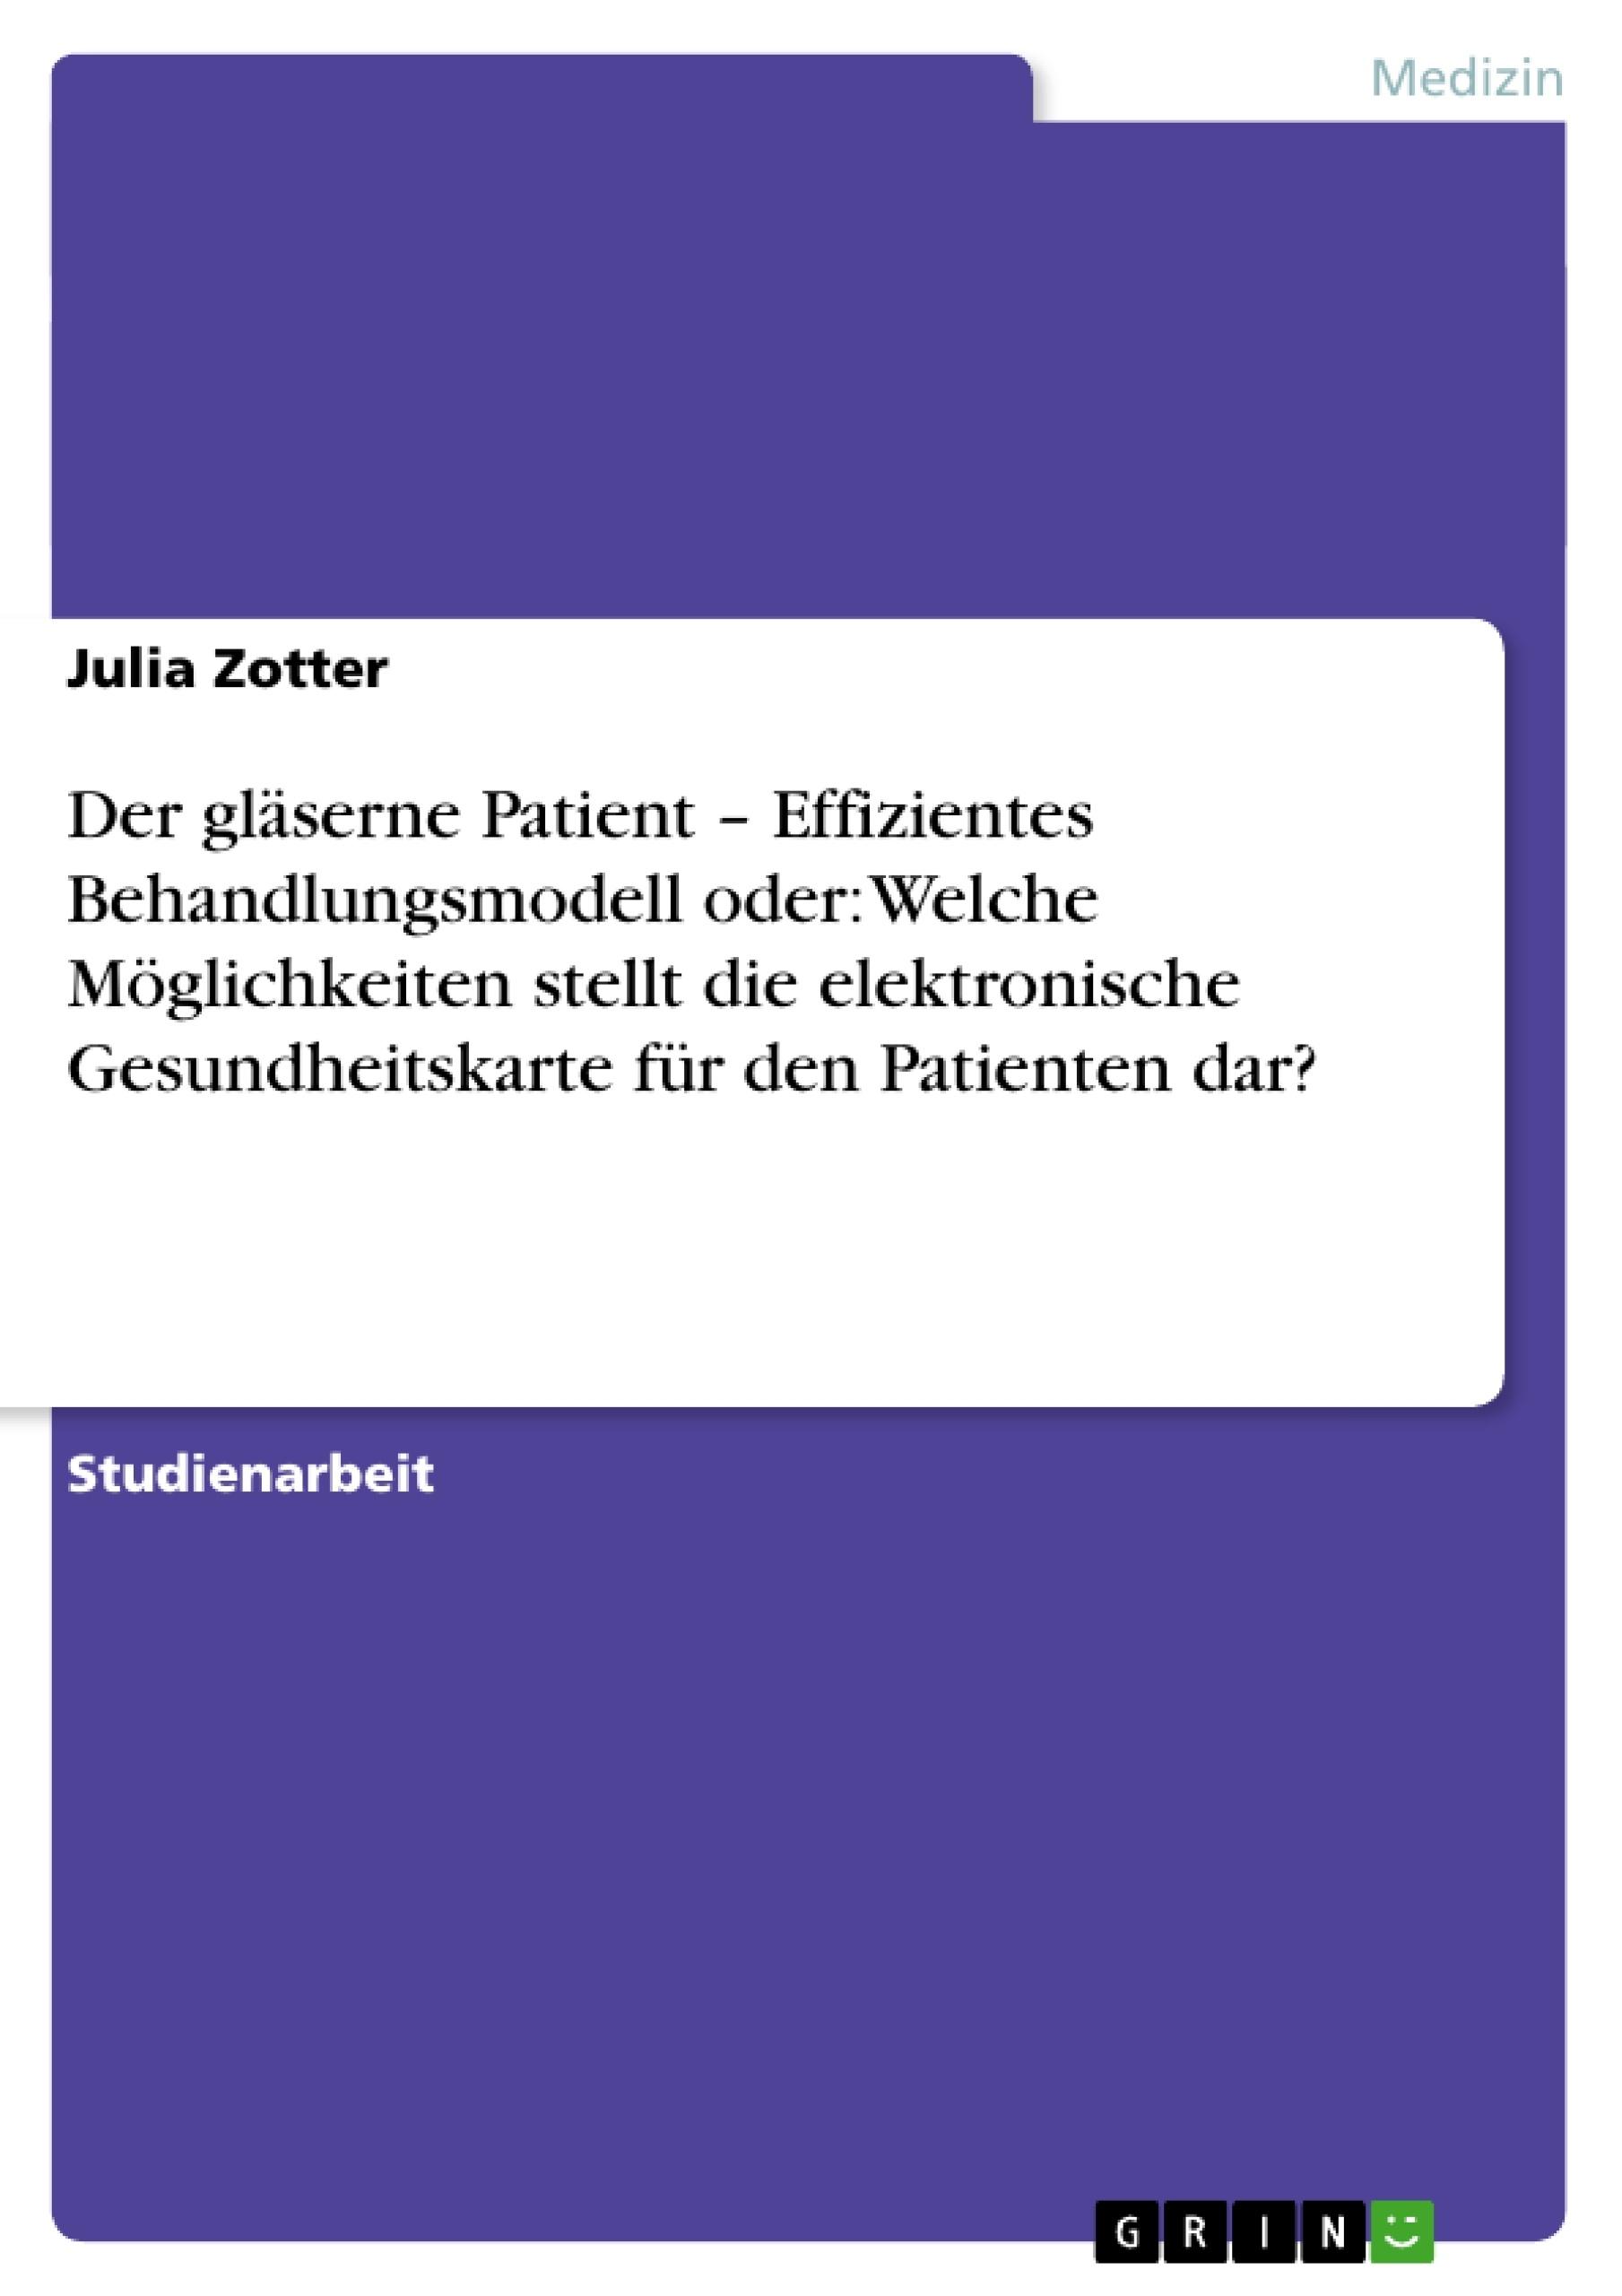 Titel: Der gläserne Patient – Effizientes Behandlungsmodell  oder: Welche Möglichkeiten stellt die elektronische Gesundheitskarte für den Patienten dar?